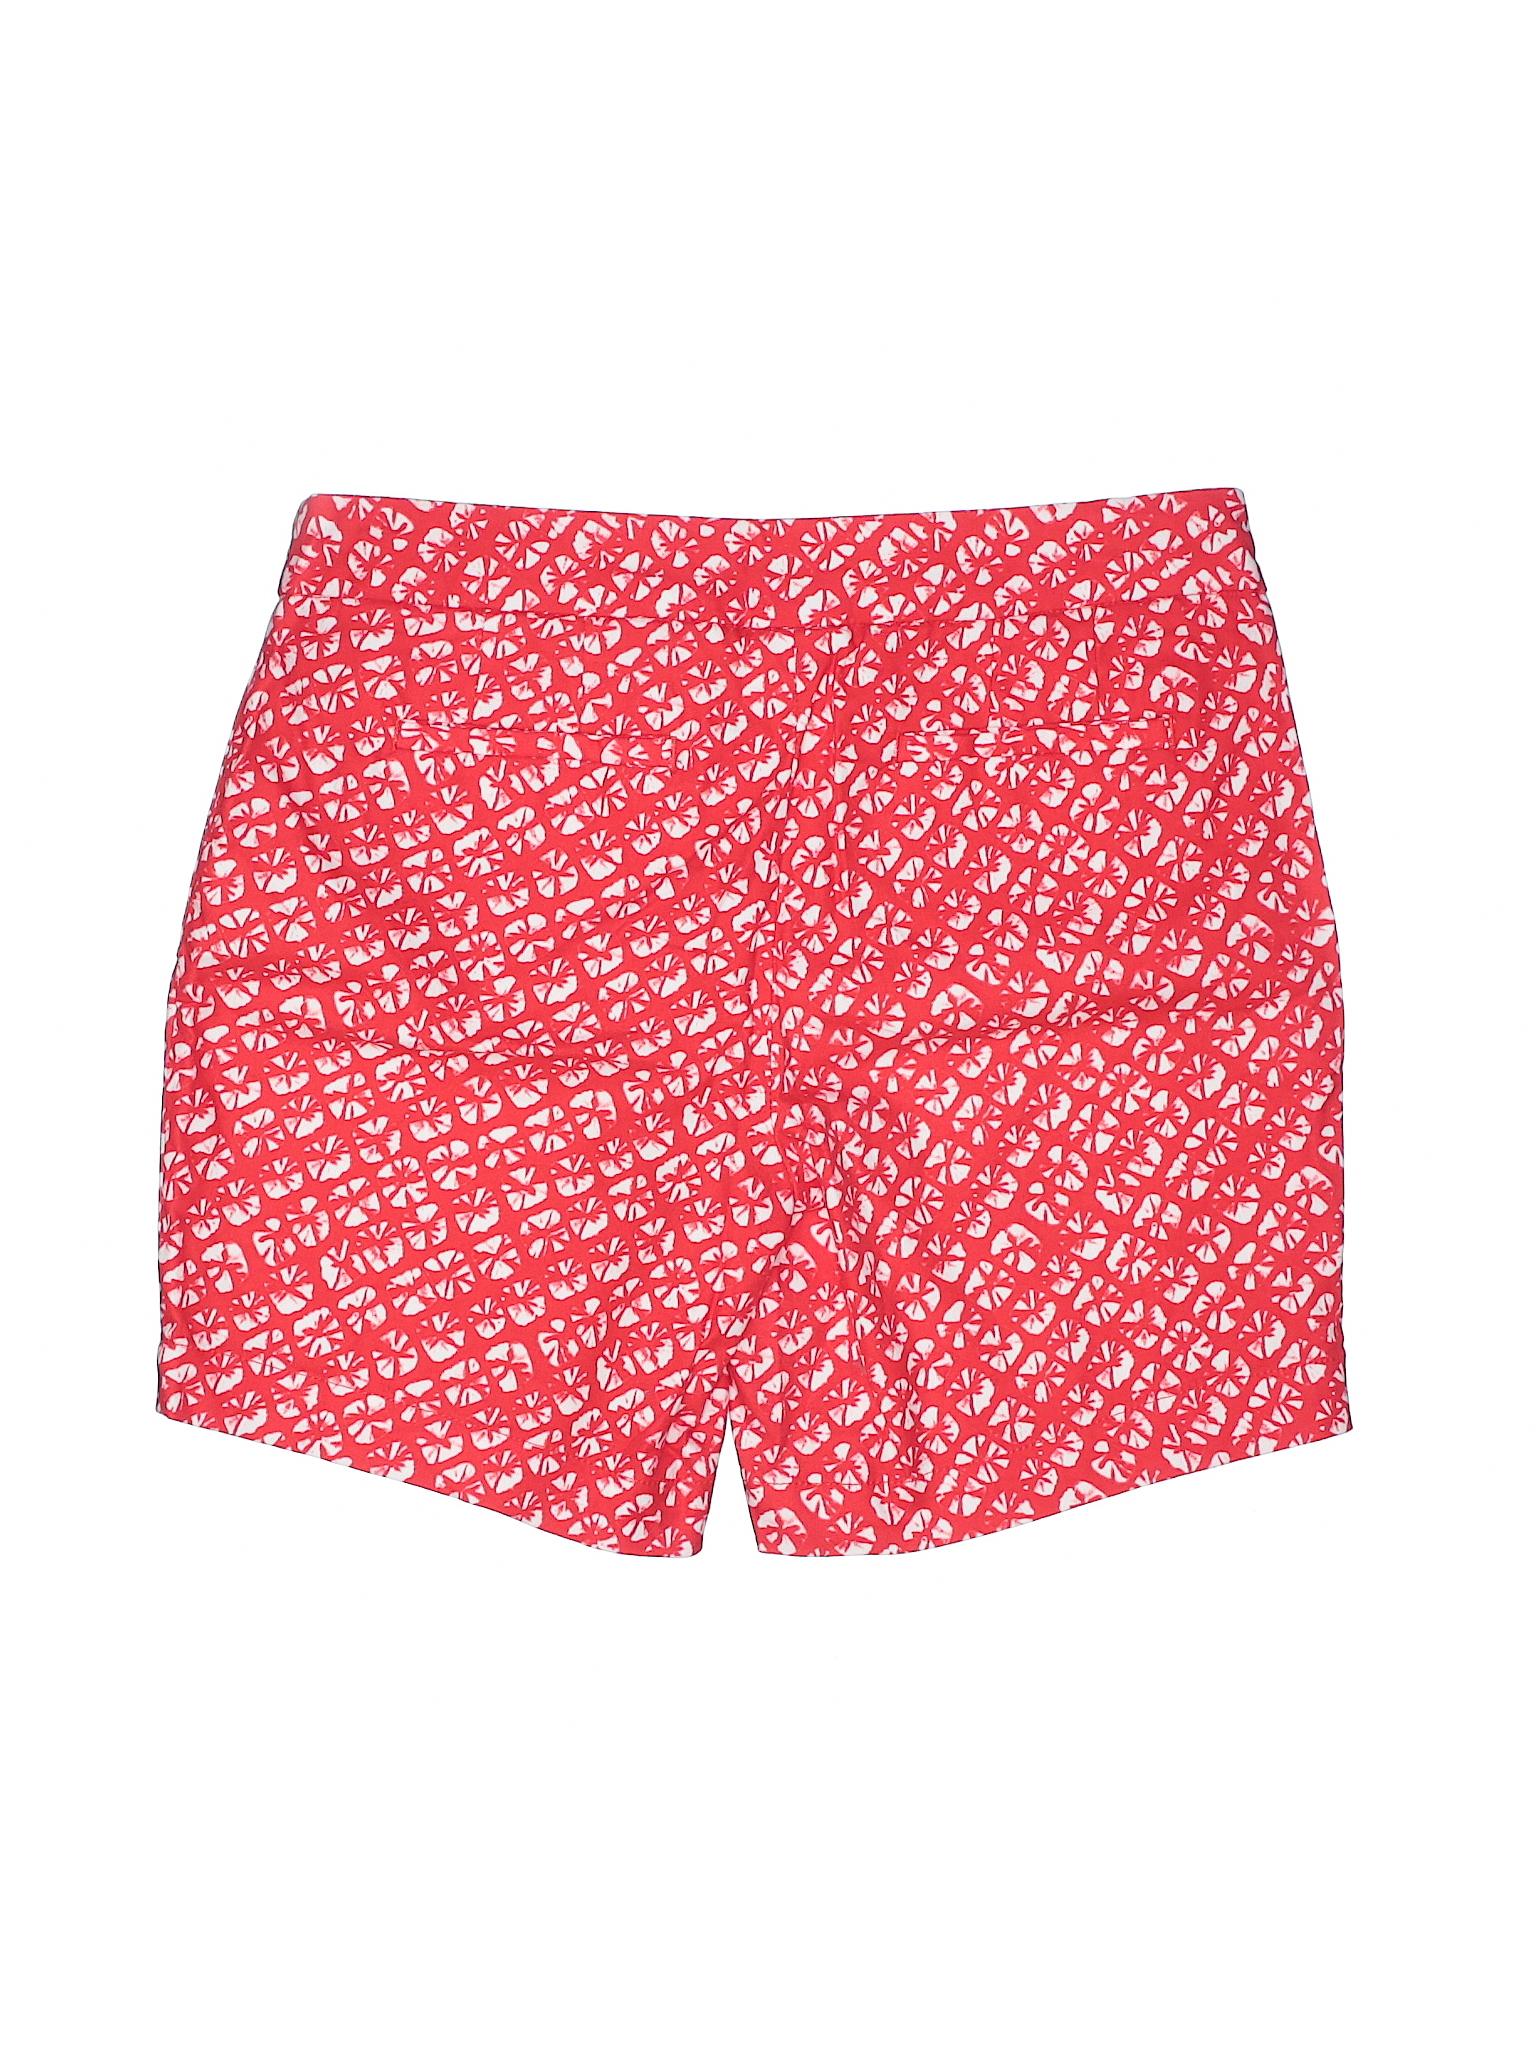 Kenar Khaki Boutique Boutique Kenar Shorts Shorts Boutique Kenar Boutique Kenar Khaki Khaki Shorts vP4ZR1